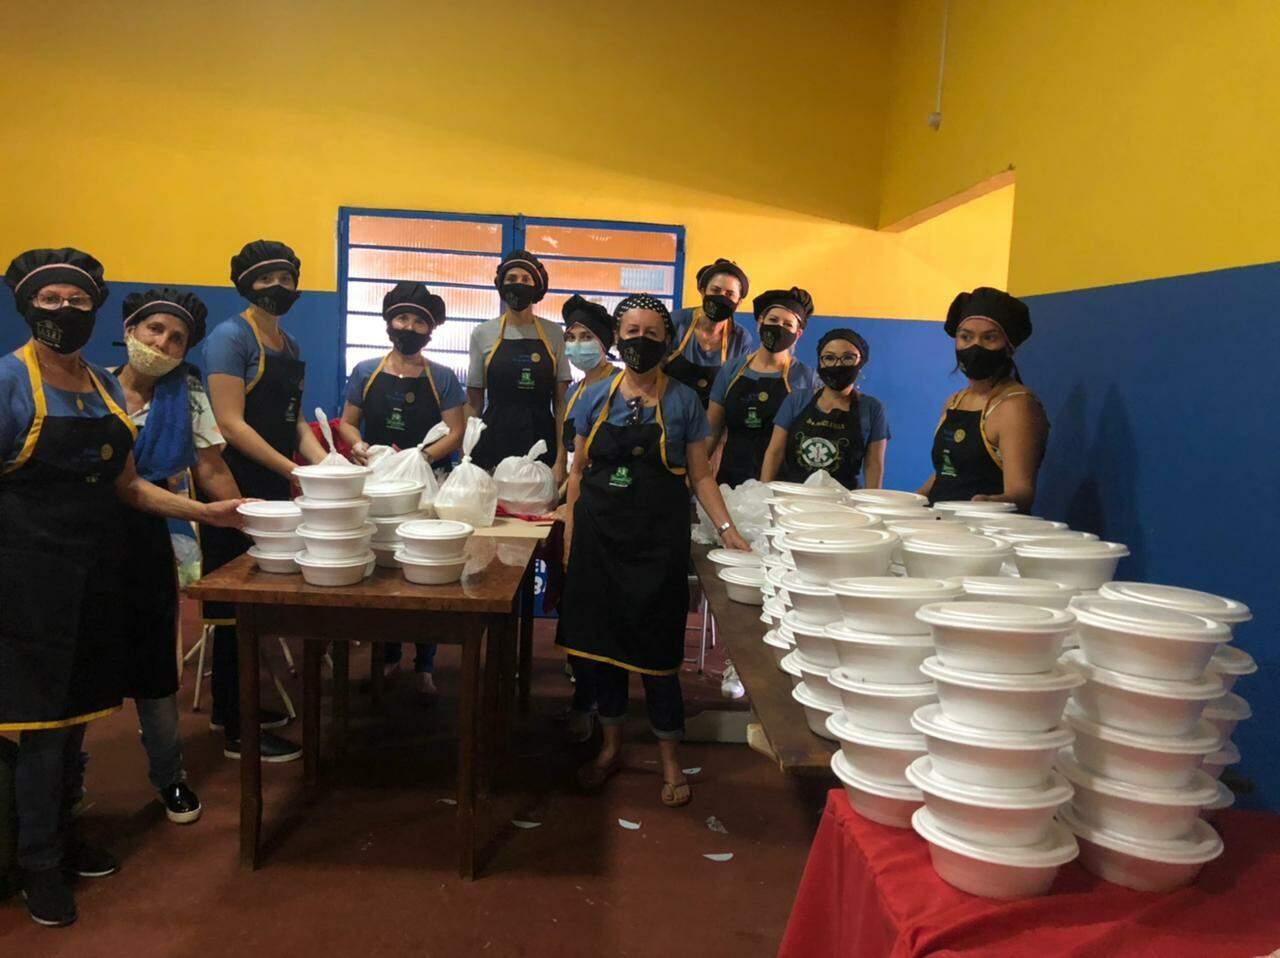 Integrantes do Rotary Club durante entrega na manhã deste domingo. (Foto: Hosana de Lourdes/Tudo do MS)